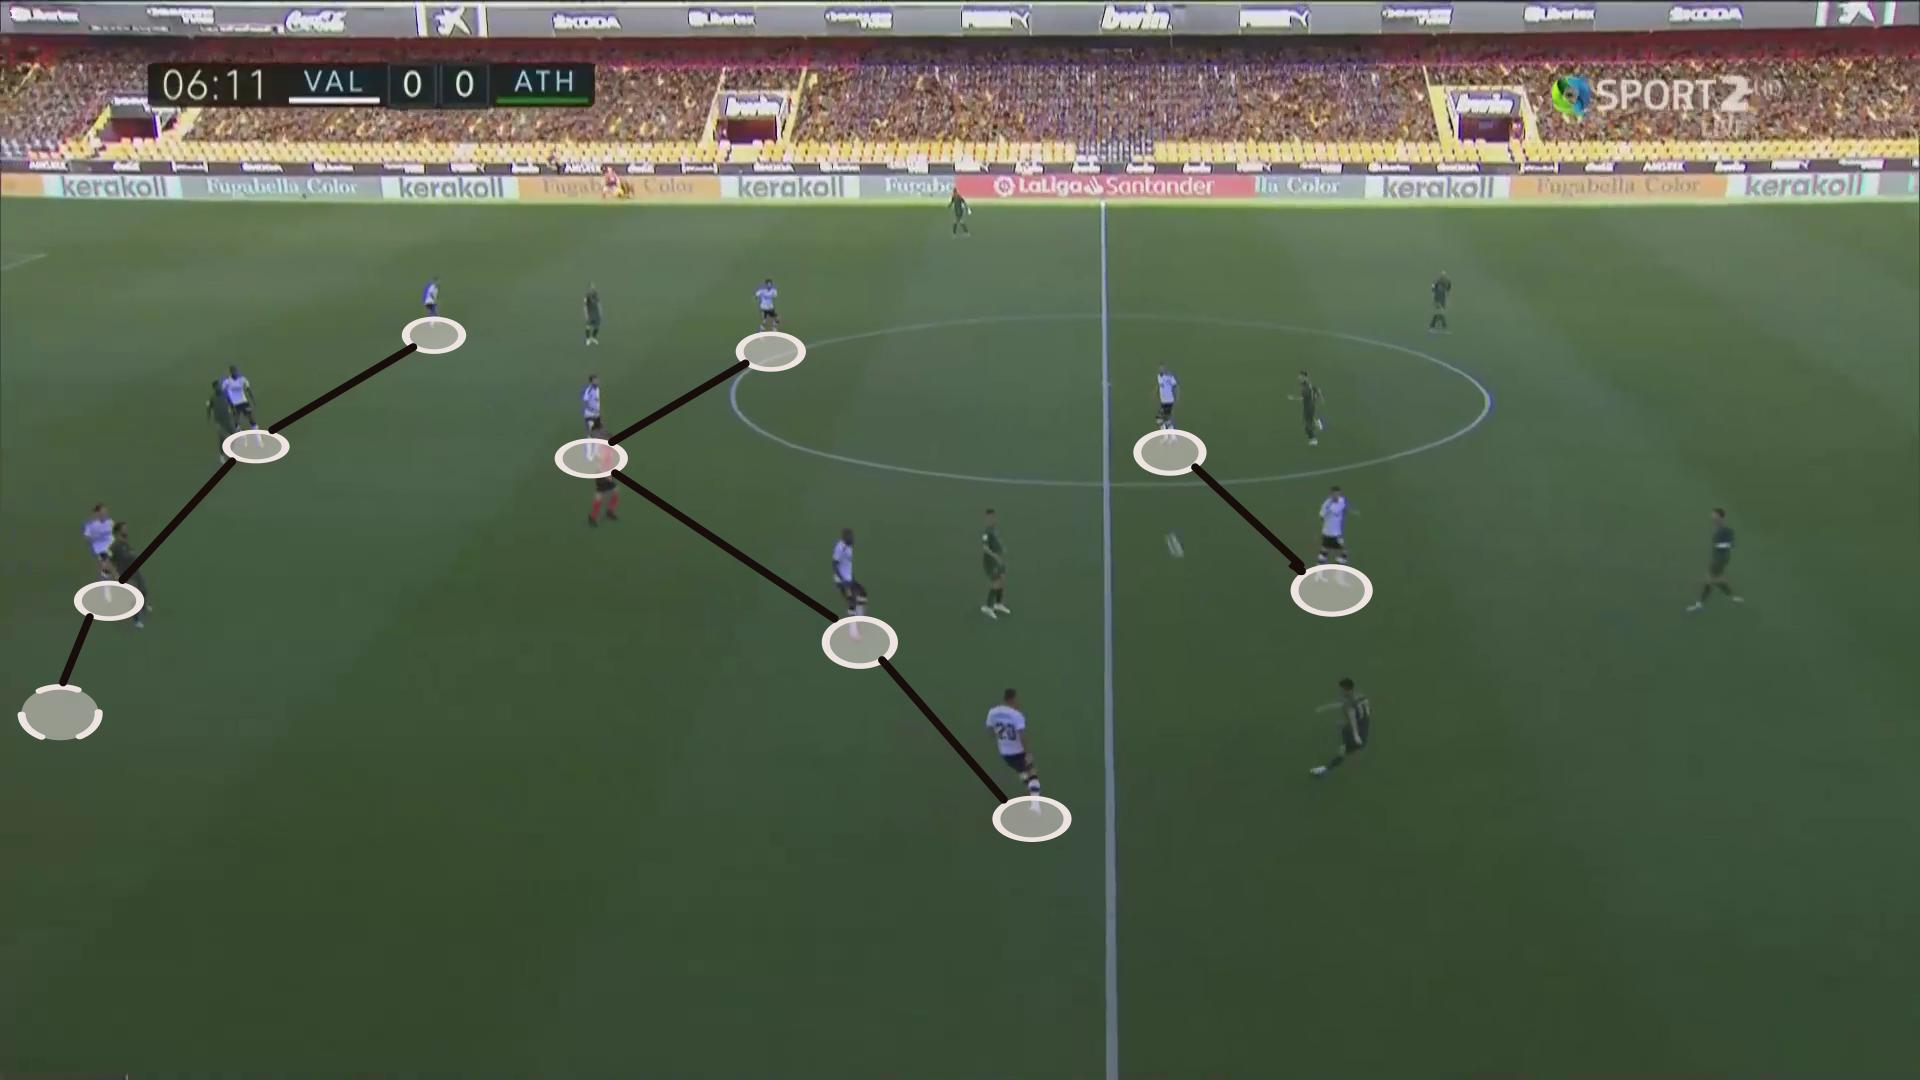 La Liga 2019/20: Valencia vs Athletic Bilbao - tactical analysis tactics